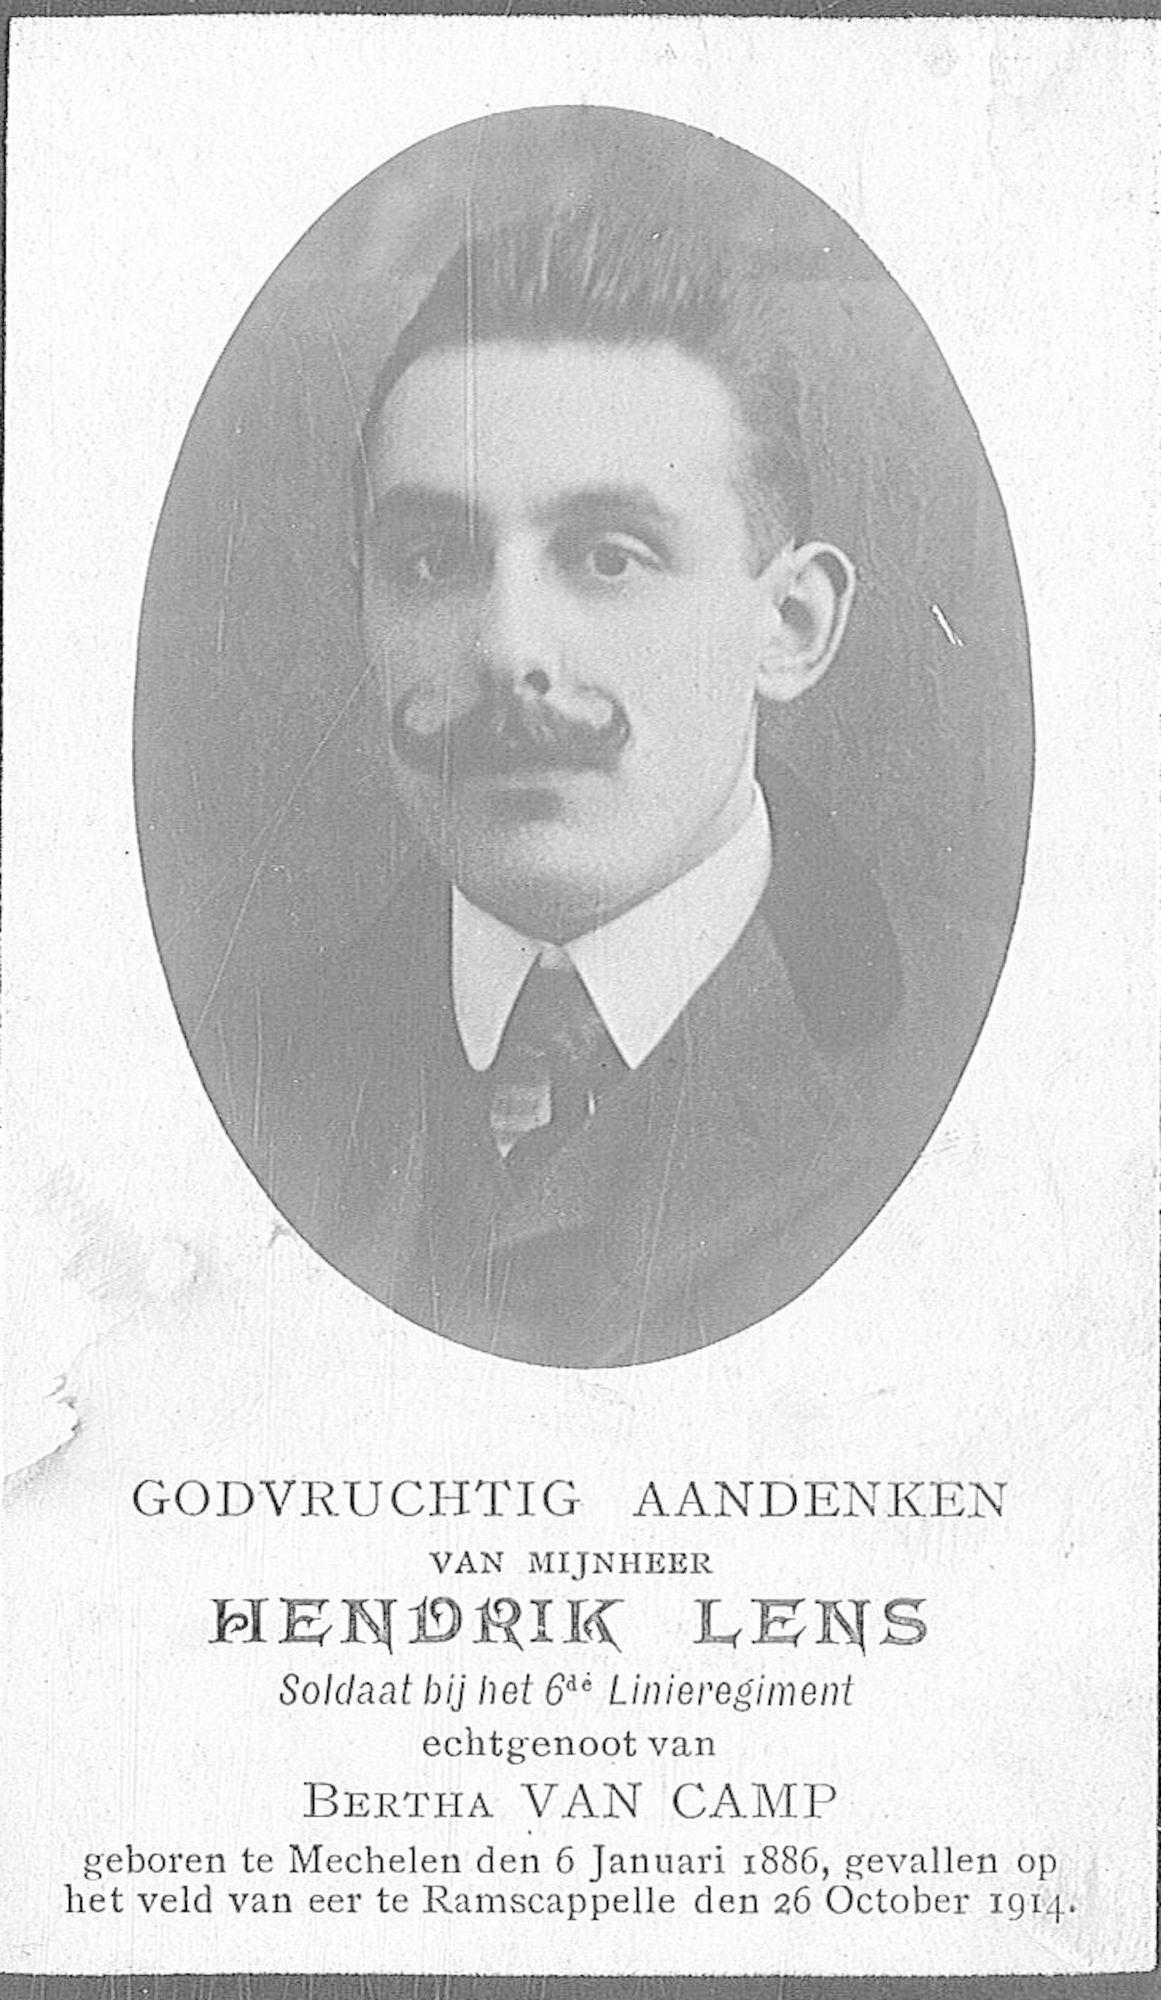 Hendrik Lens